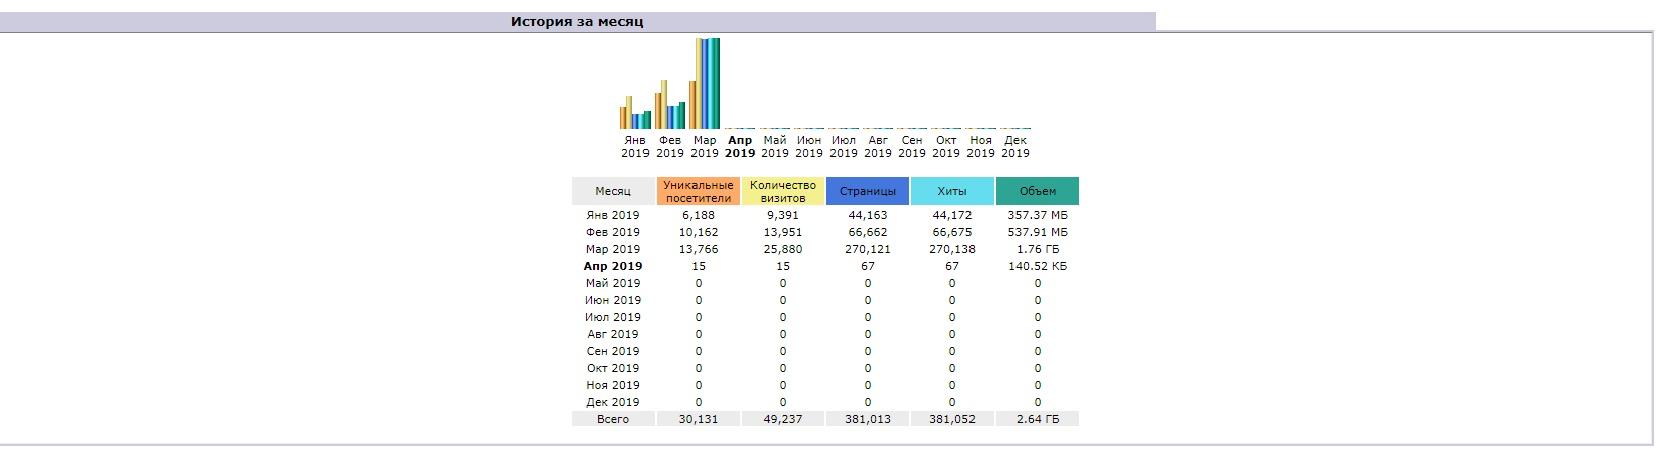 Site statistics